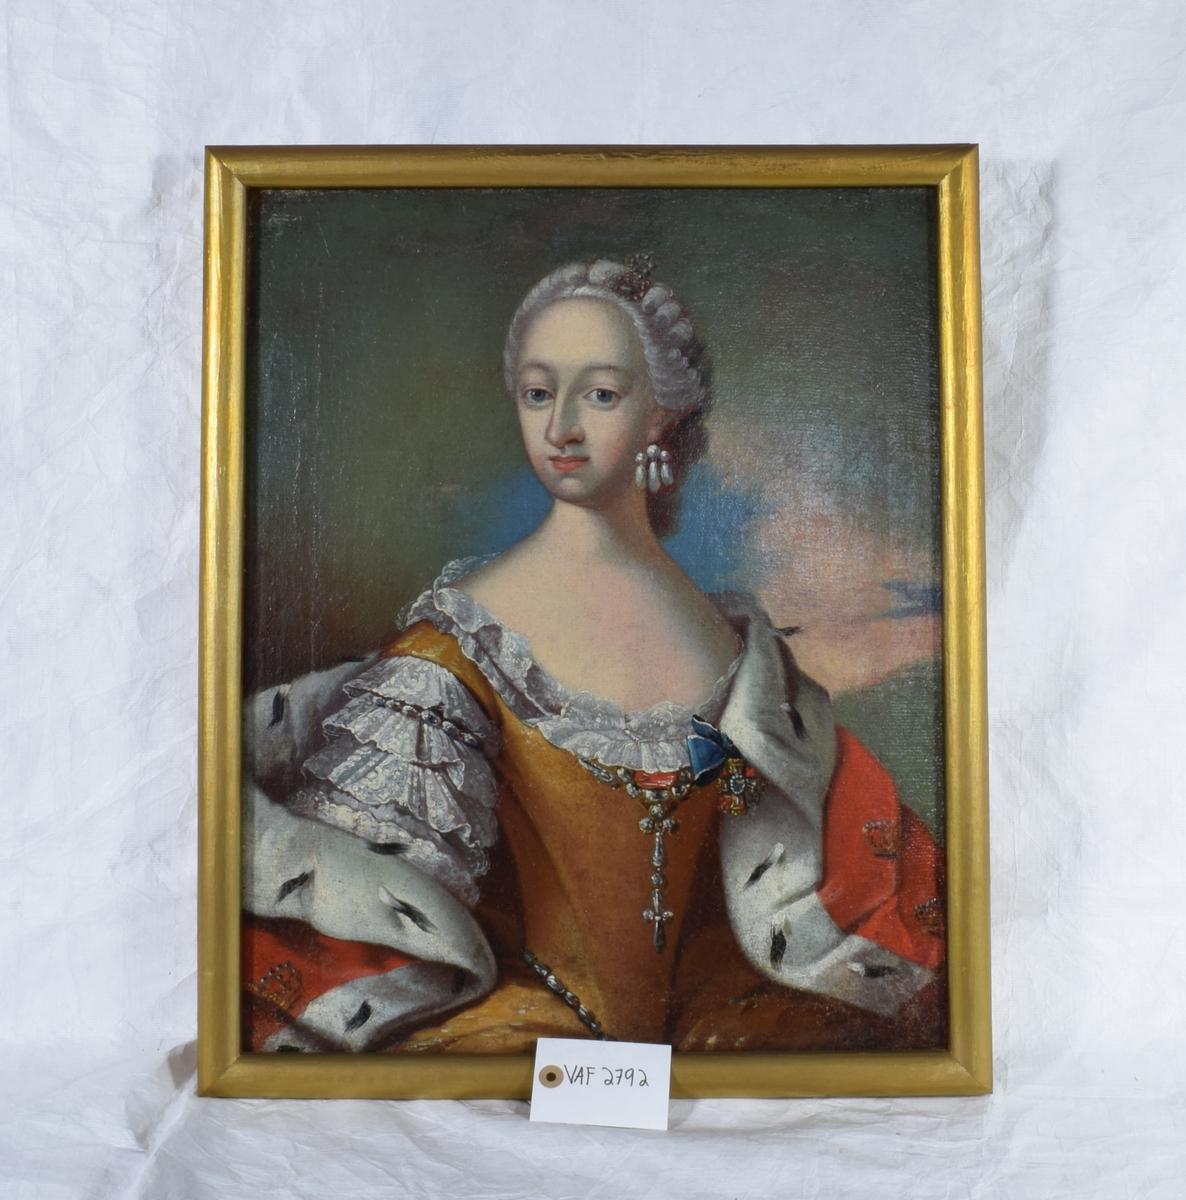 Portrett av en vinne med hermelinskappe og brungul kjole.